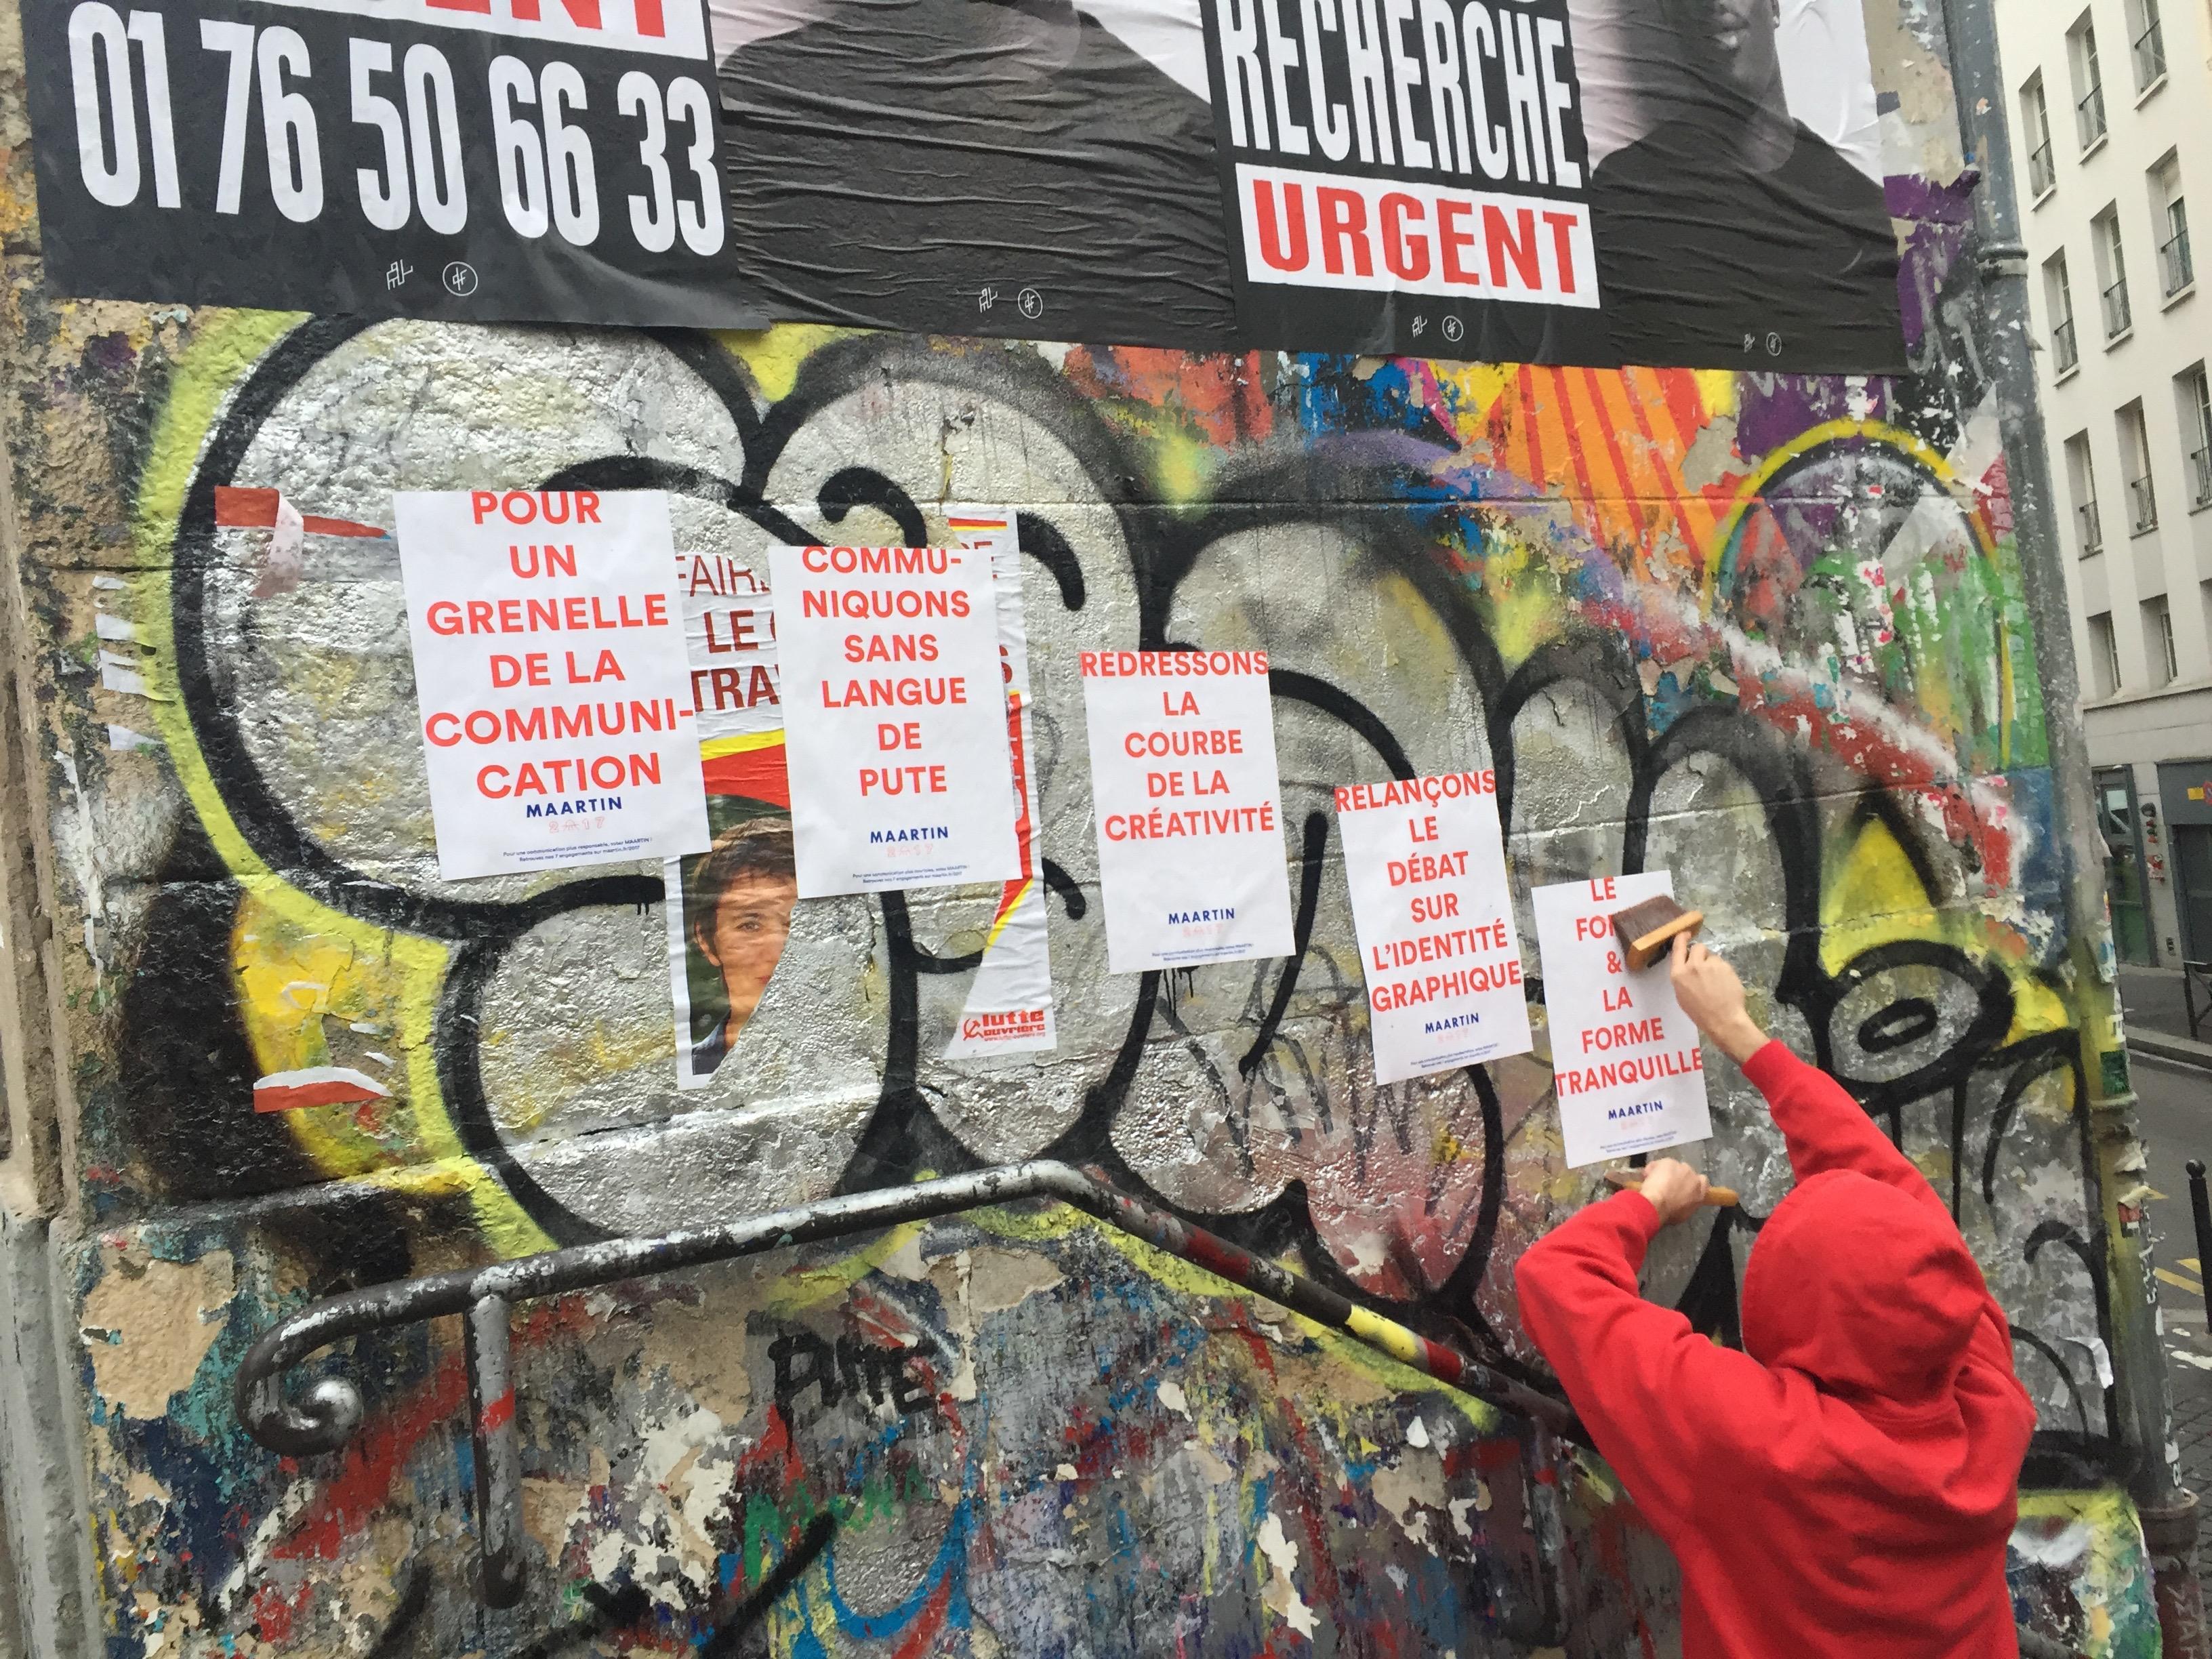 L'agence Maartin part en campagne électorale pour ses voeux 2017